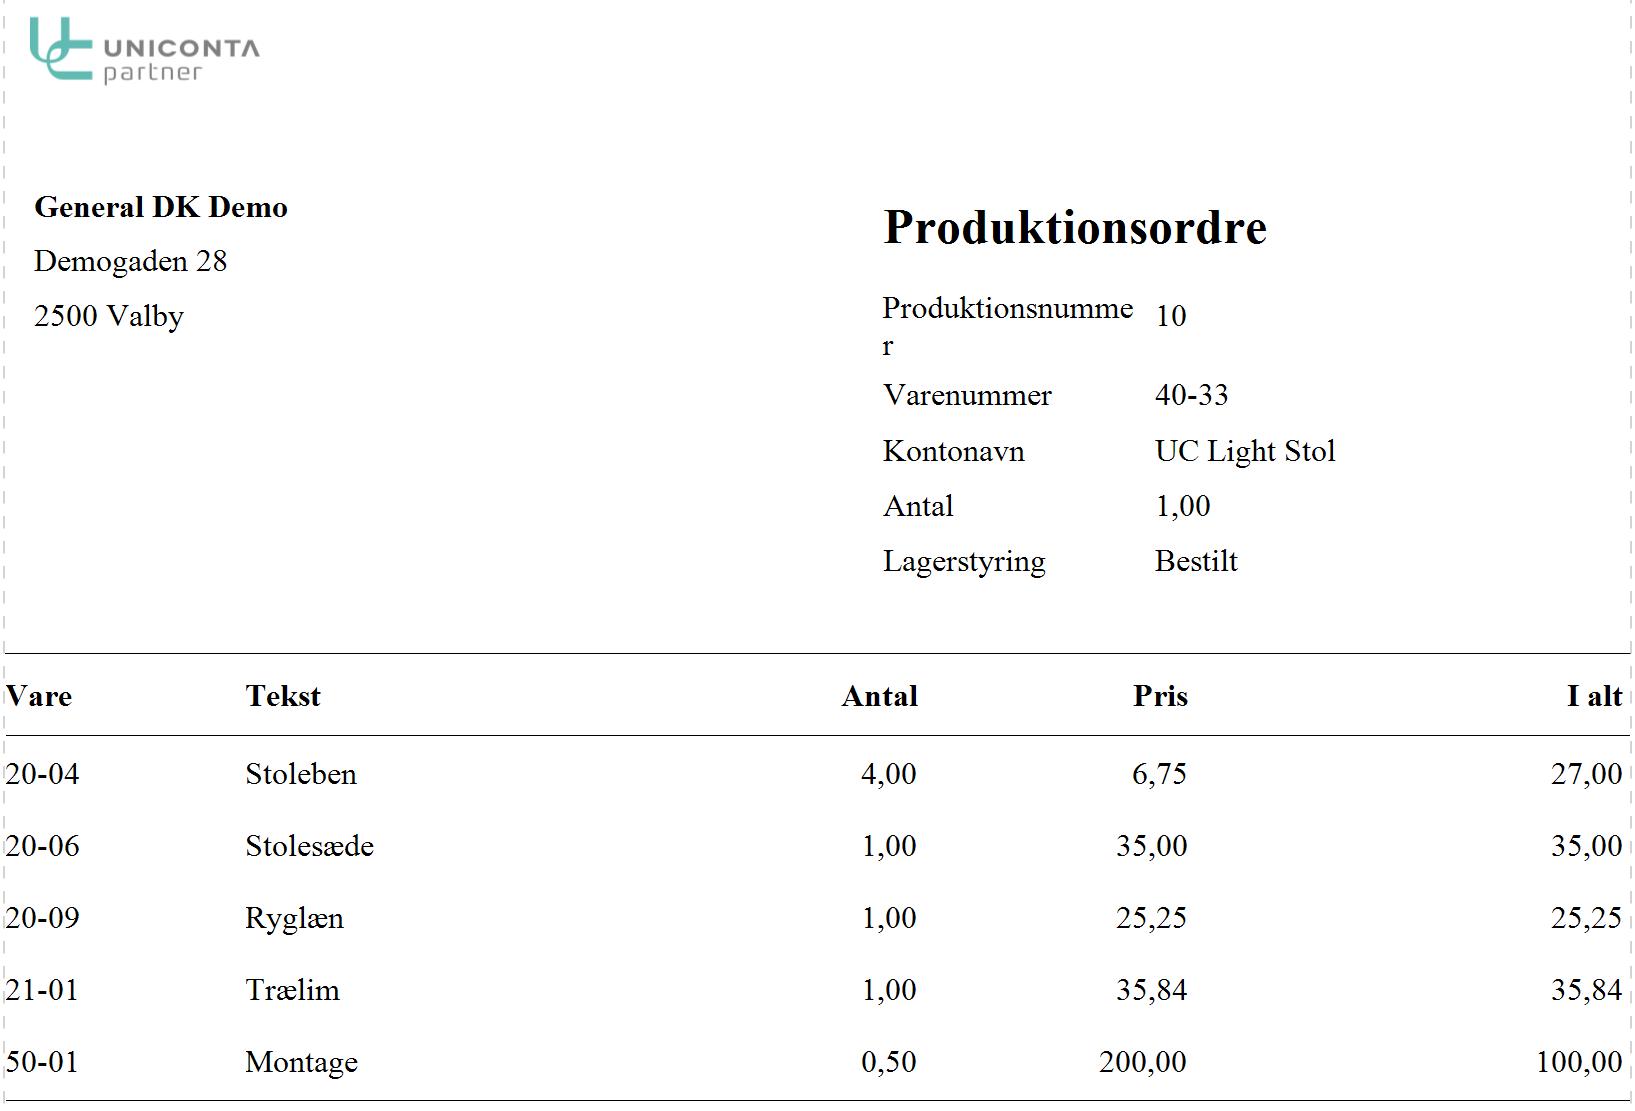 , Produktion Overblik, Uniconta